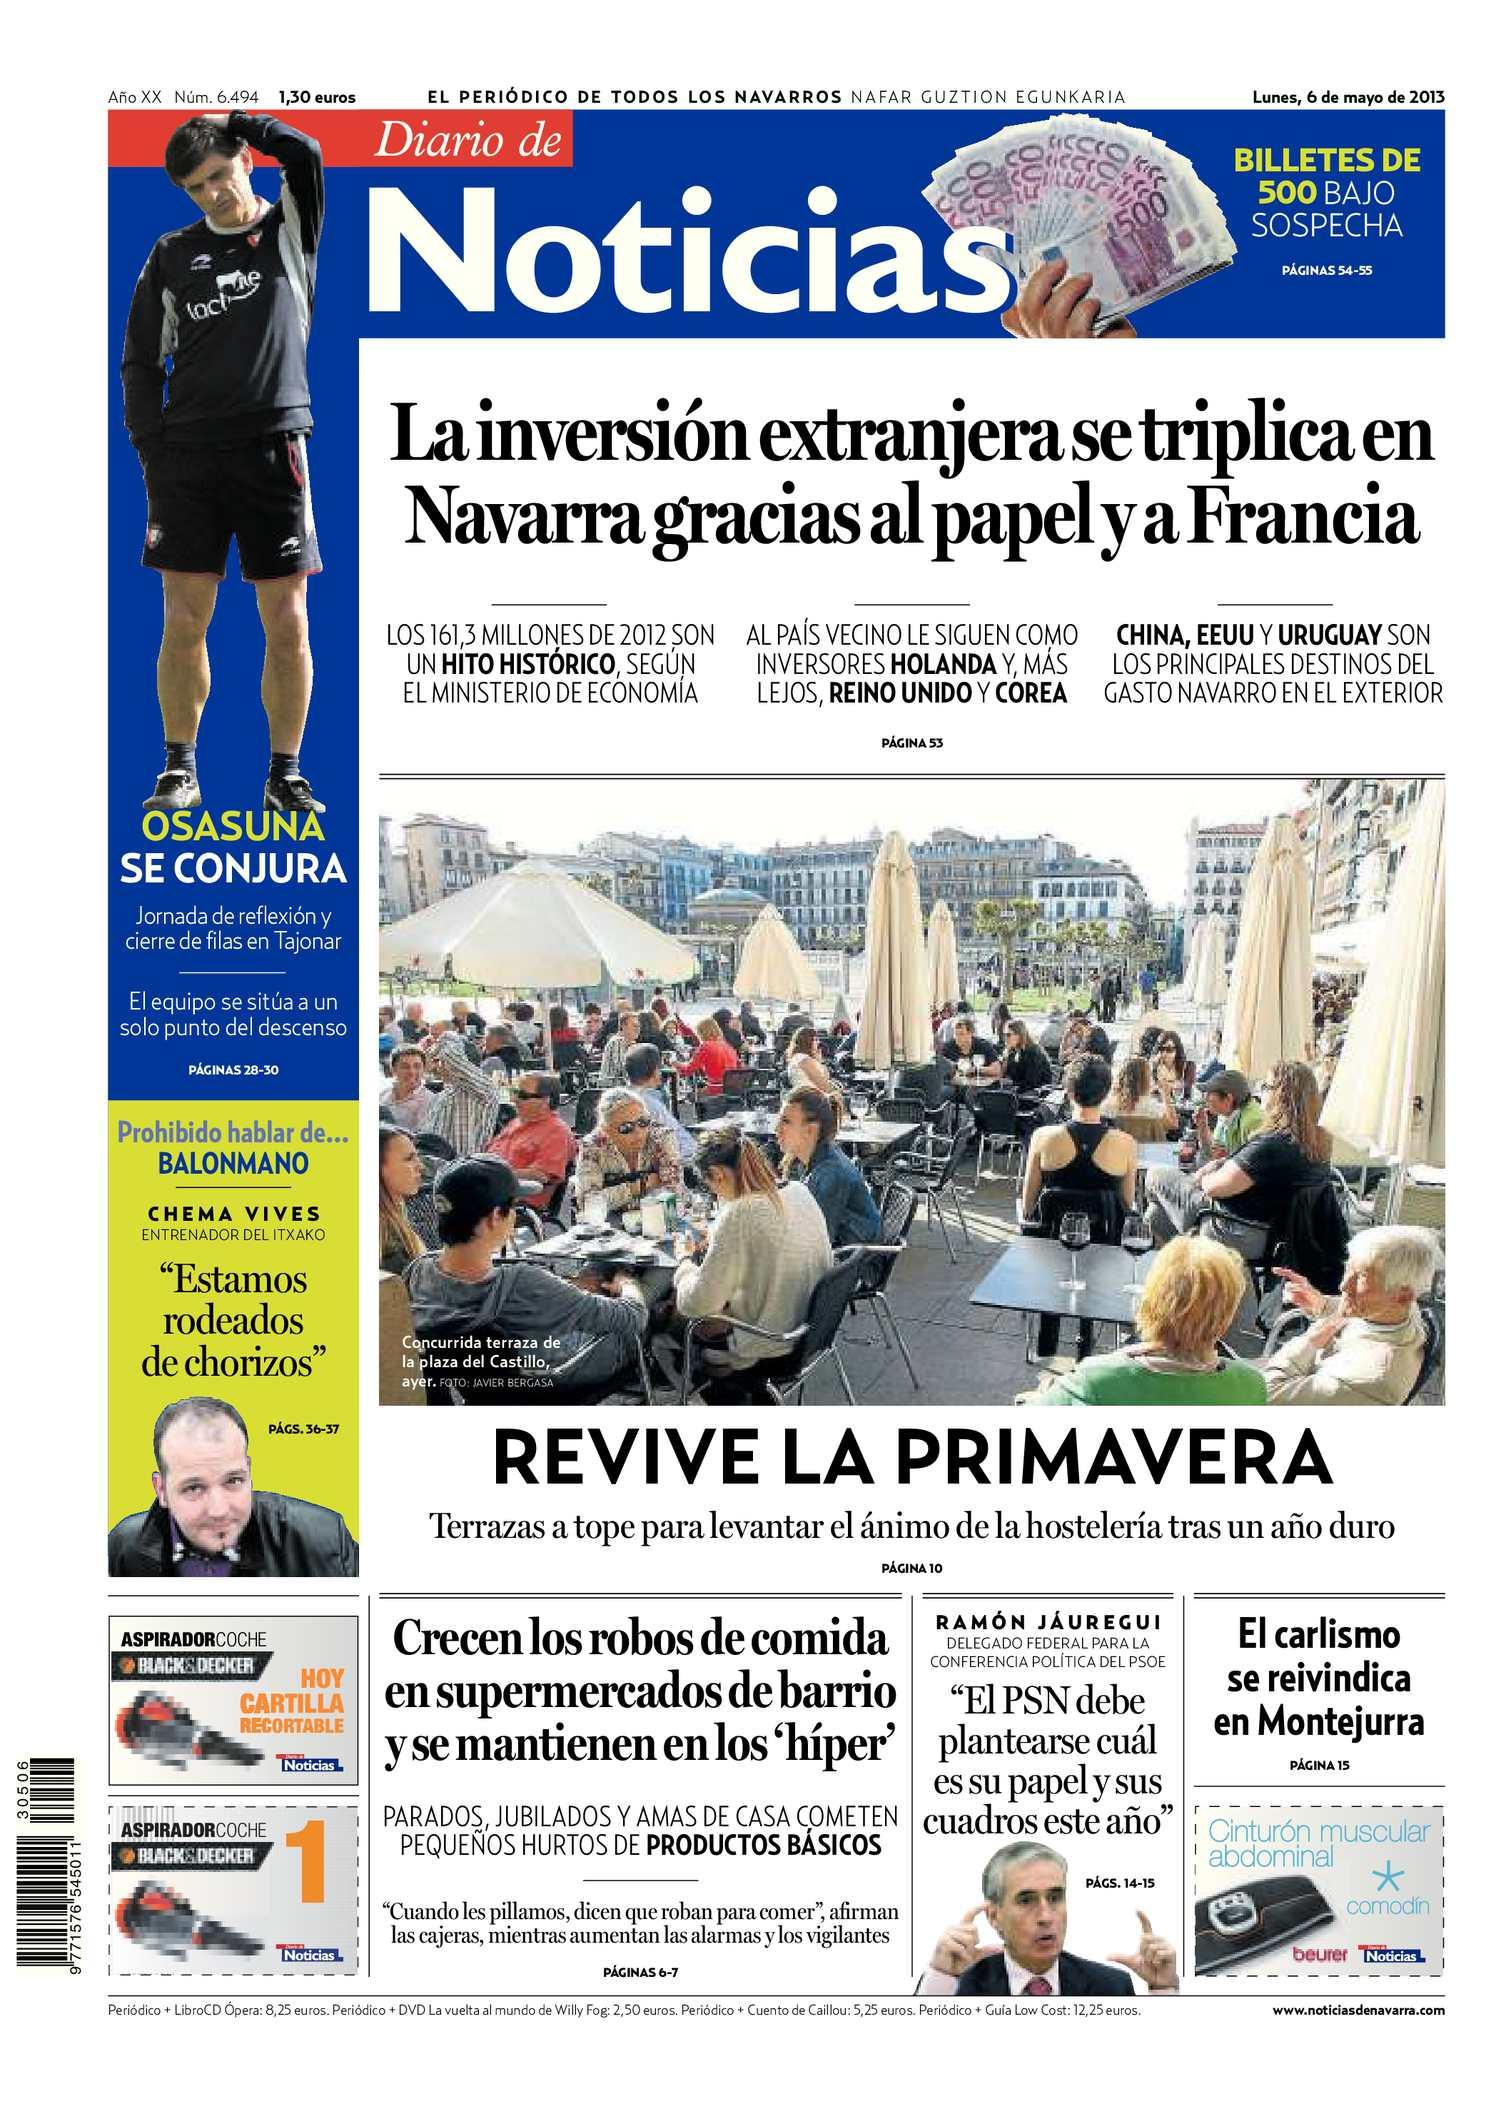 Calaméo - Diario de Noticias 20130506 50305814002